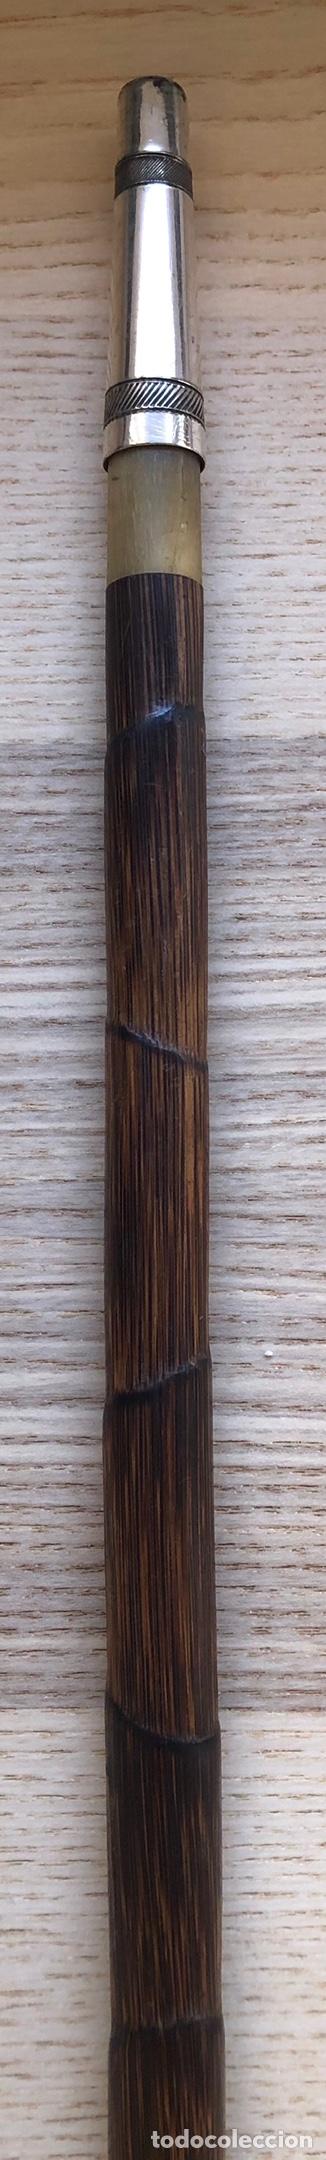 Antigüedades: Magnífico bastón antiguo, con empuñadura en talla de madera, vara de caña, plata, y punta de asta - Foto 9 - 213466631